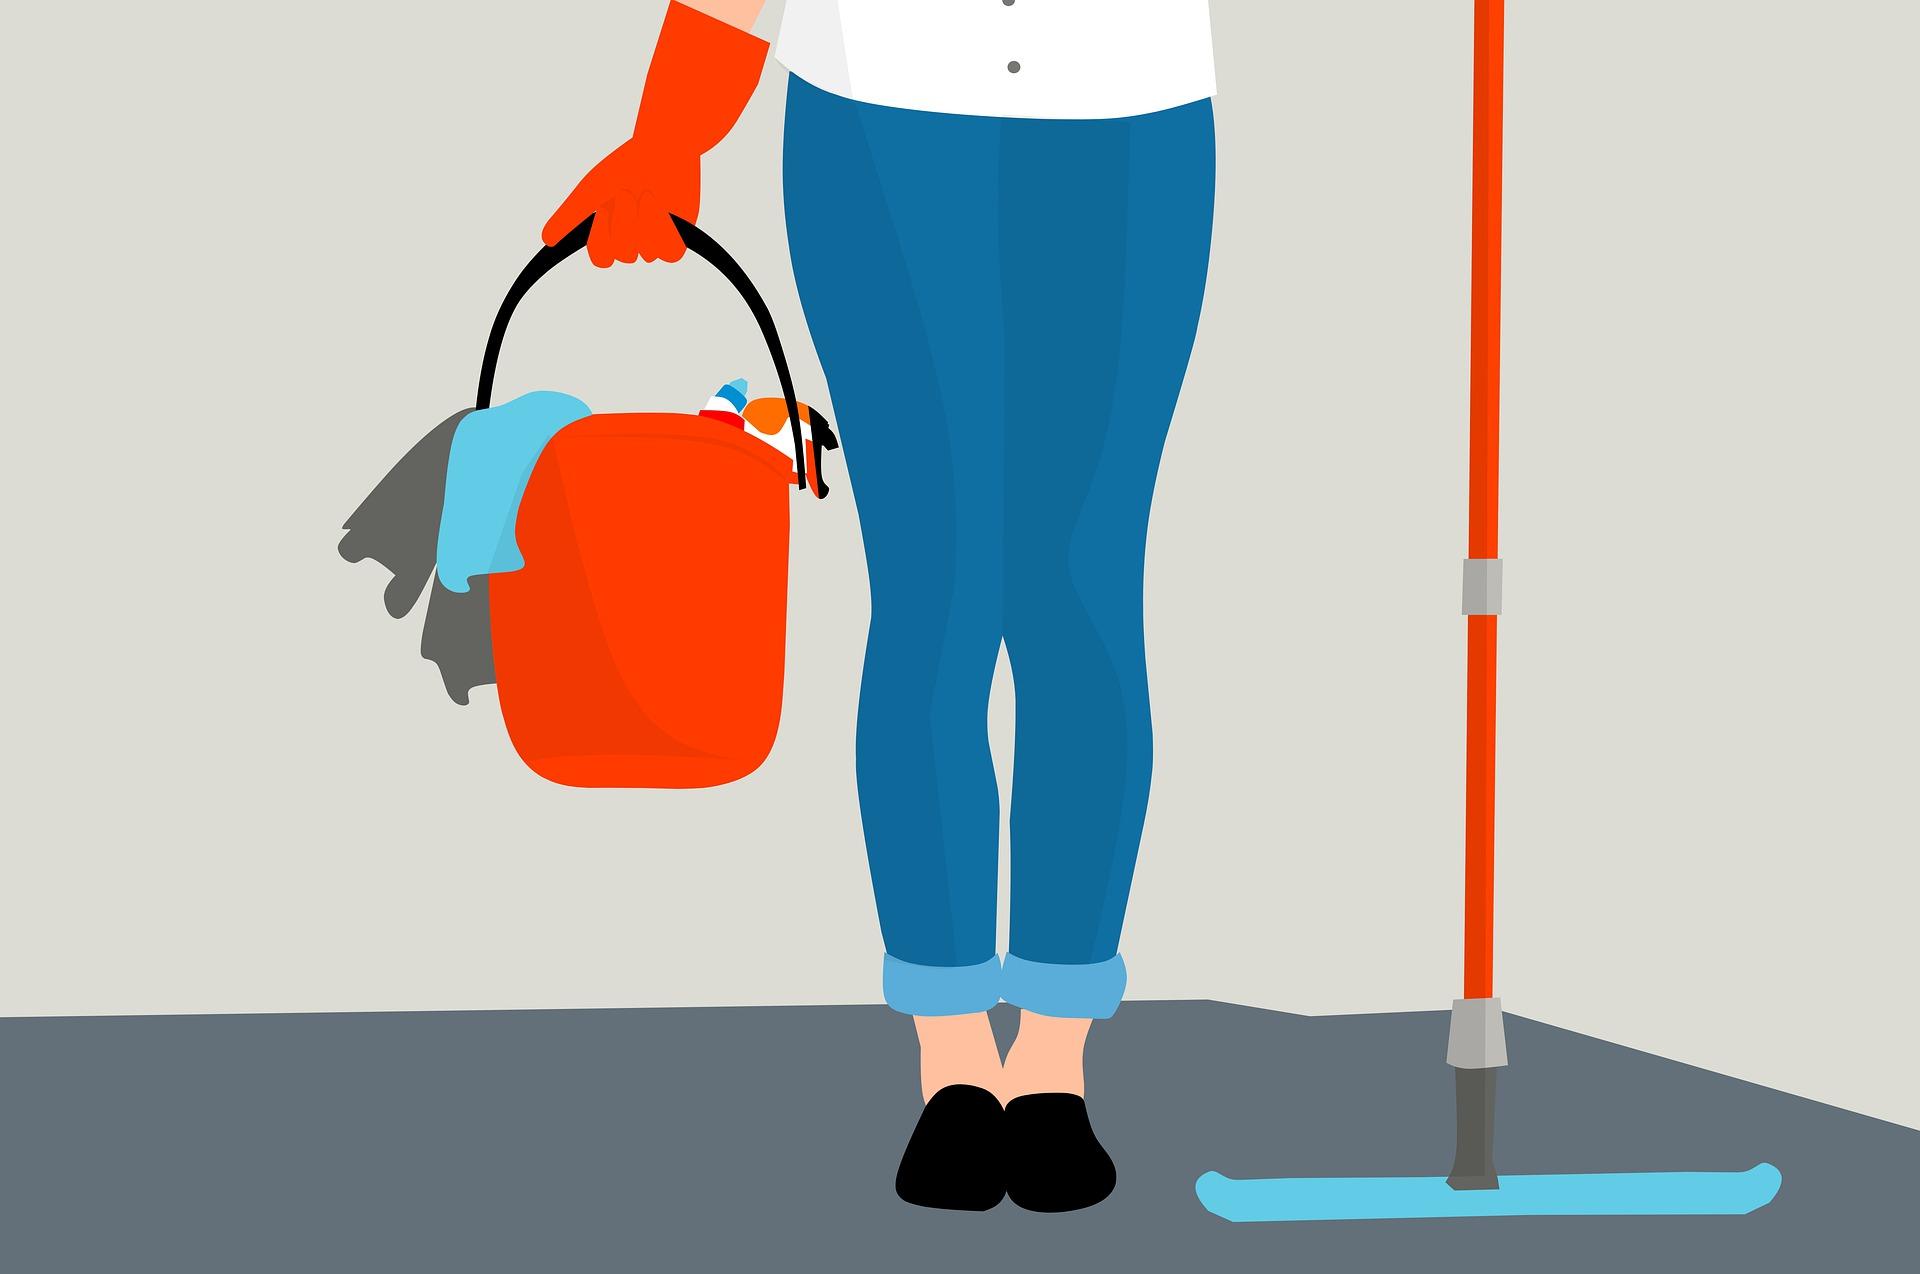 https://pixabay.com/fr/illustrations/entretien-ménager-propres-service-4594891/